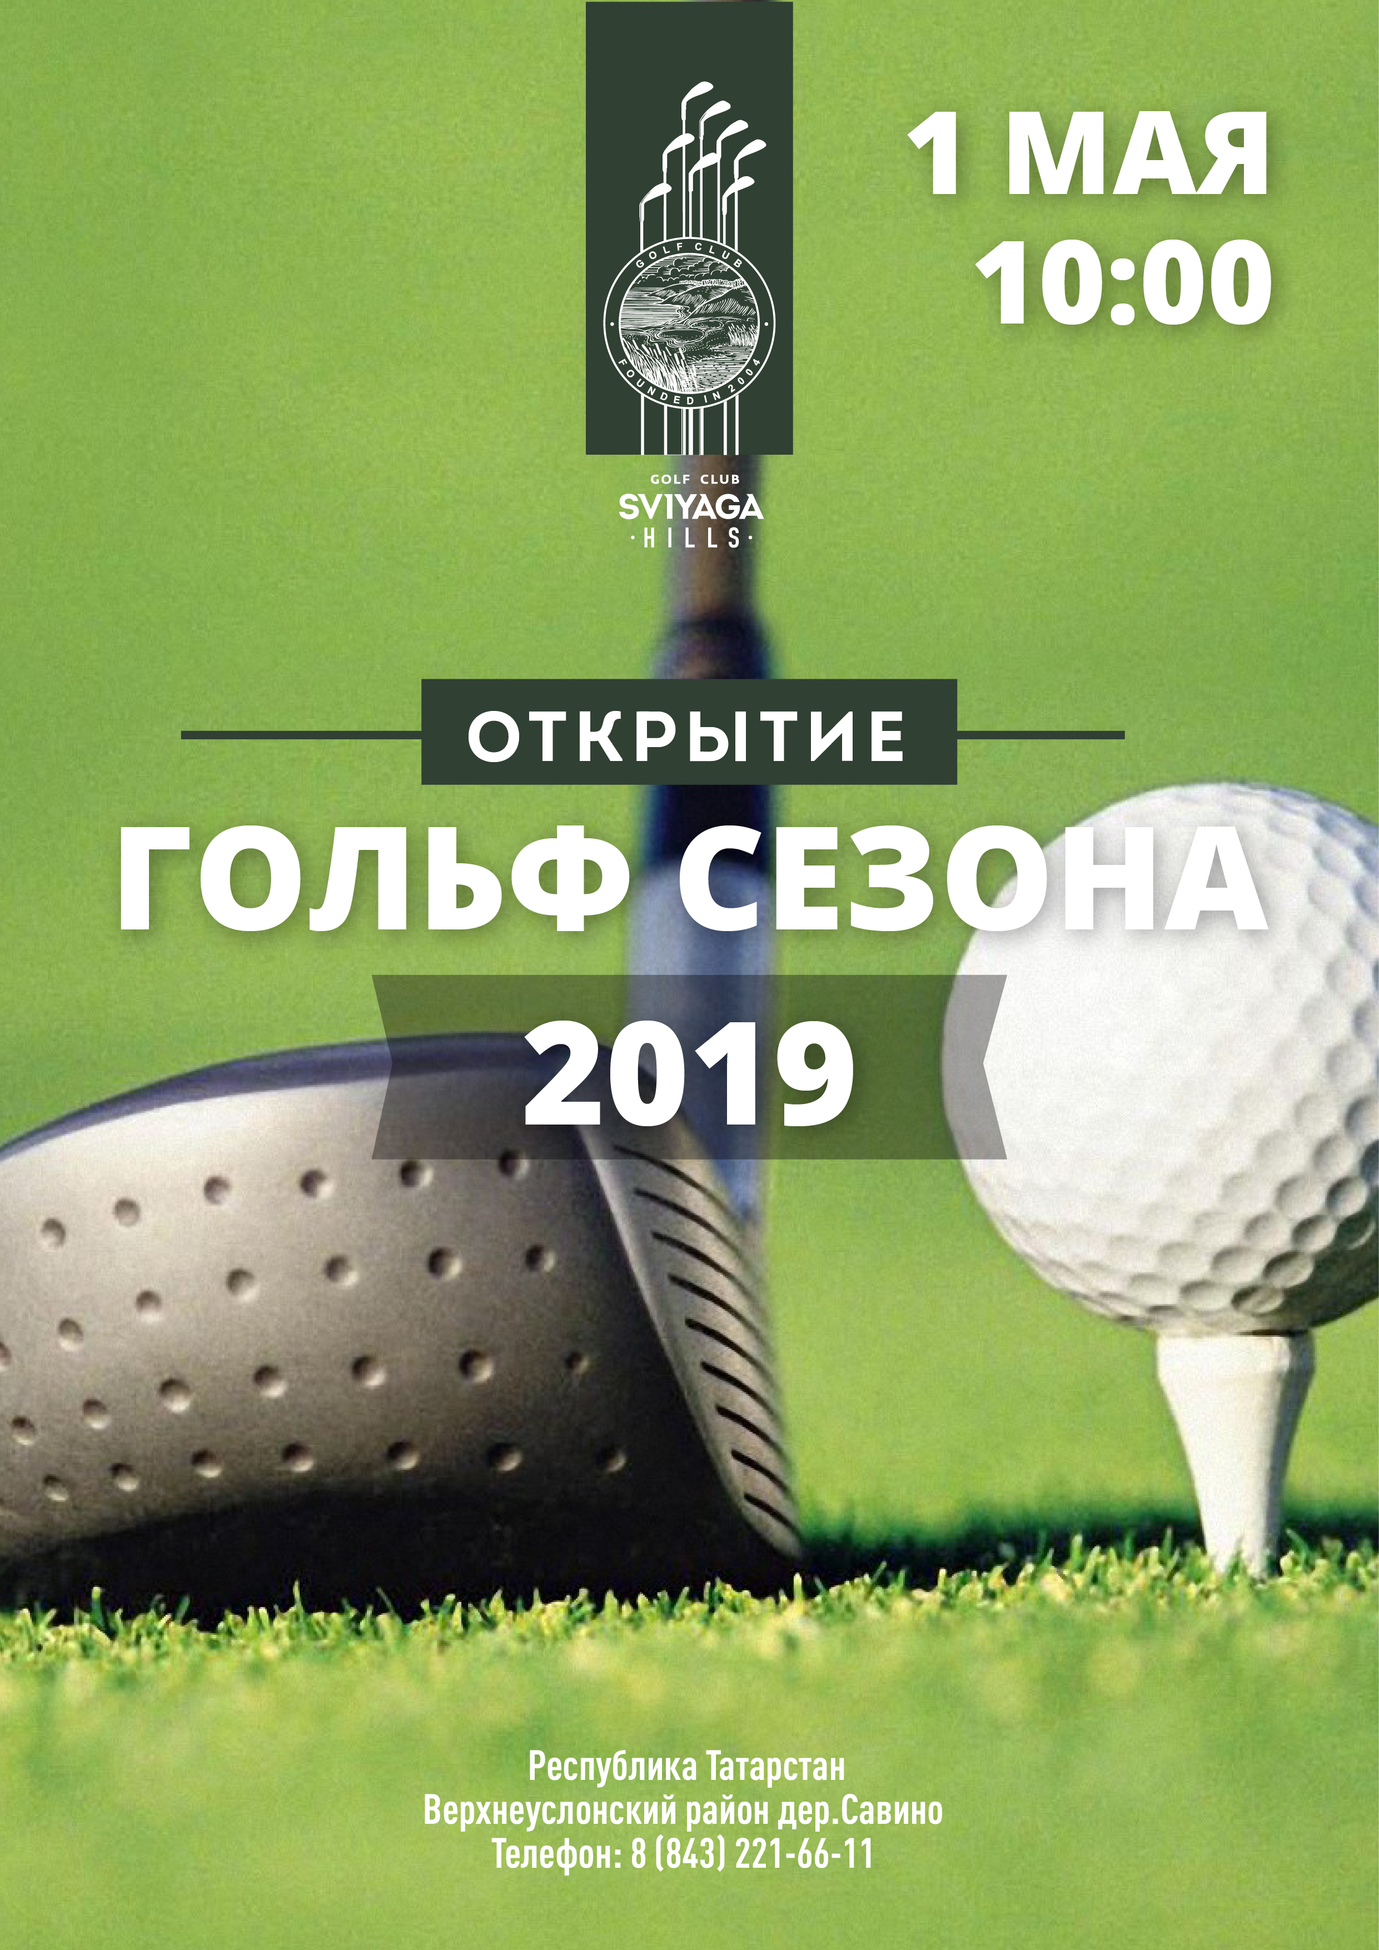 1 мая - Открытие гольф сезона 2019